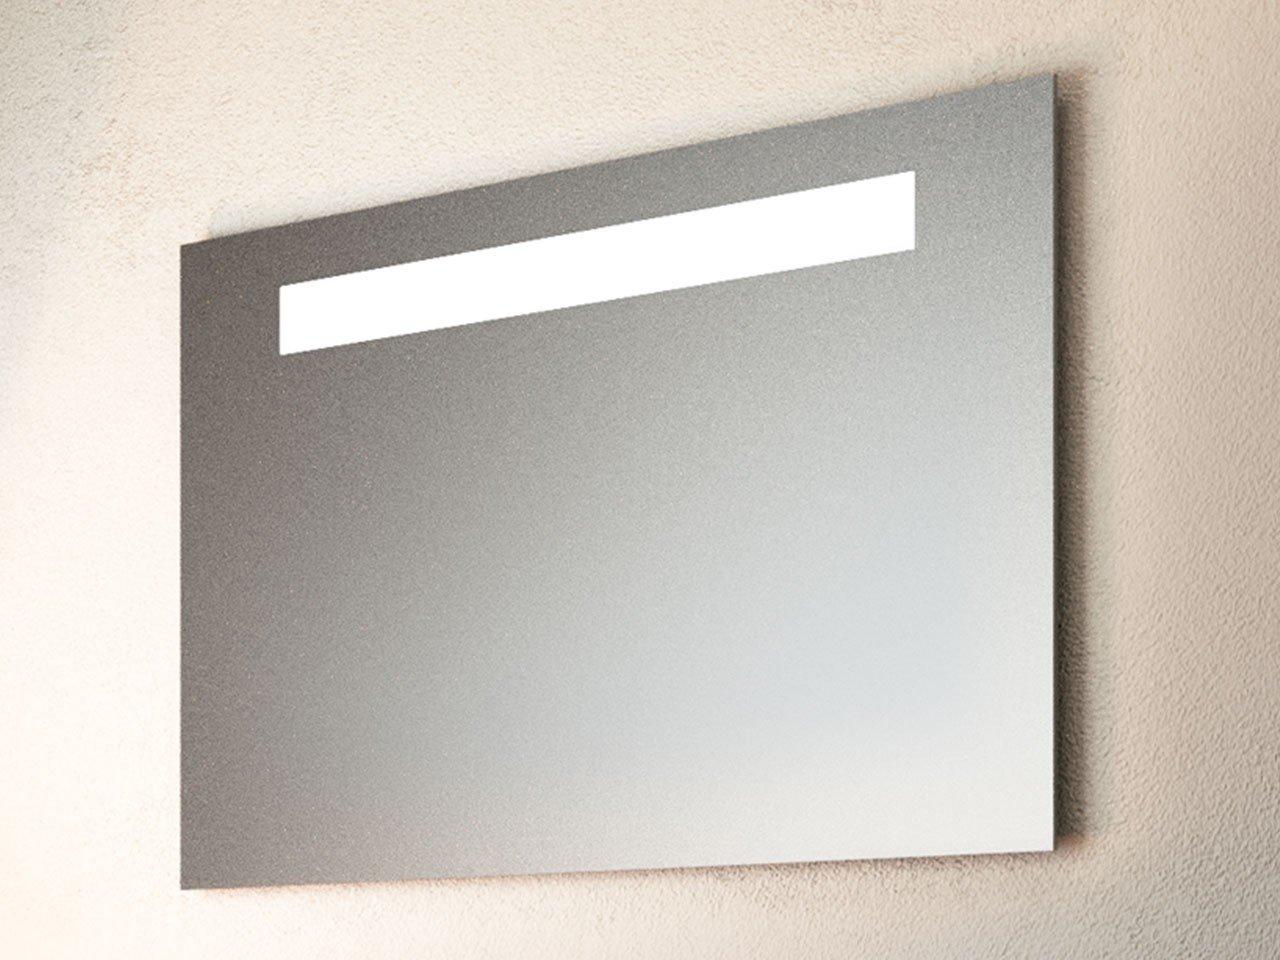 Iperceramica soluzioni di arredo bagno pavimenti e rivestimenti designandmore arredare casa - Specchio retroilluminato bagno ...